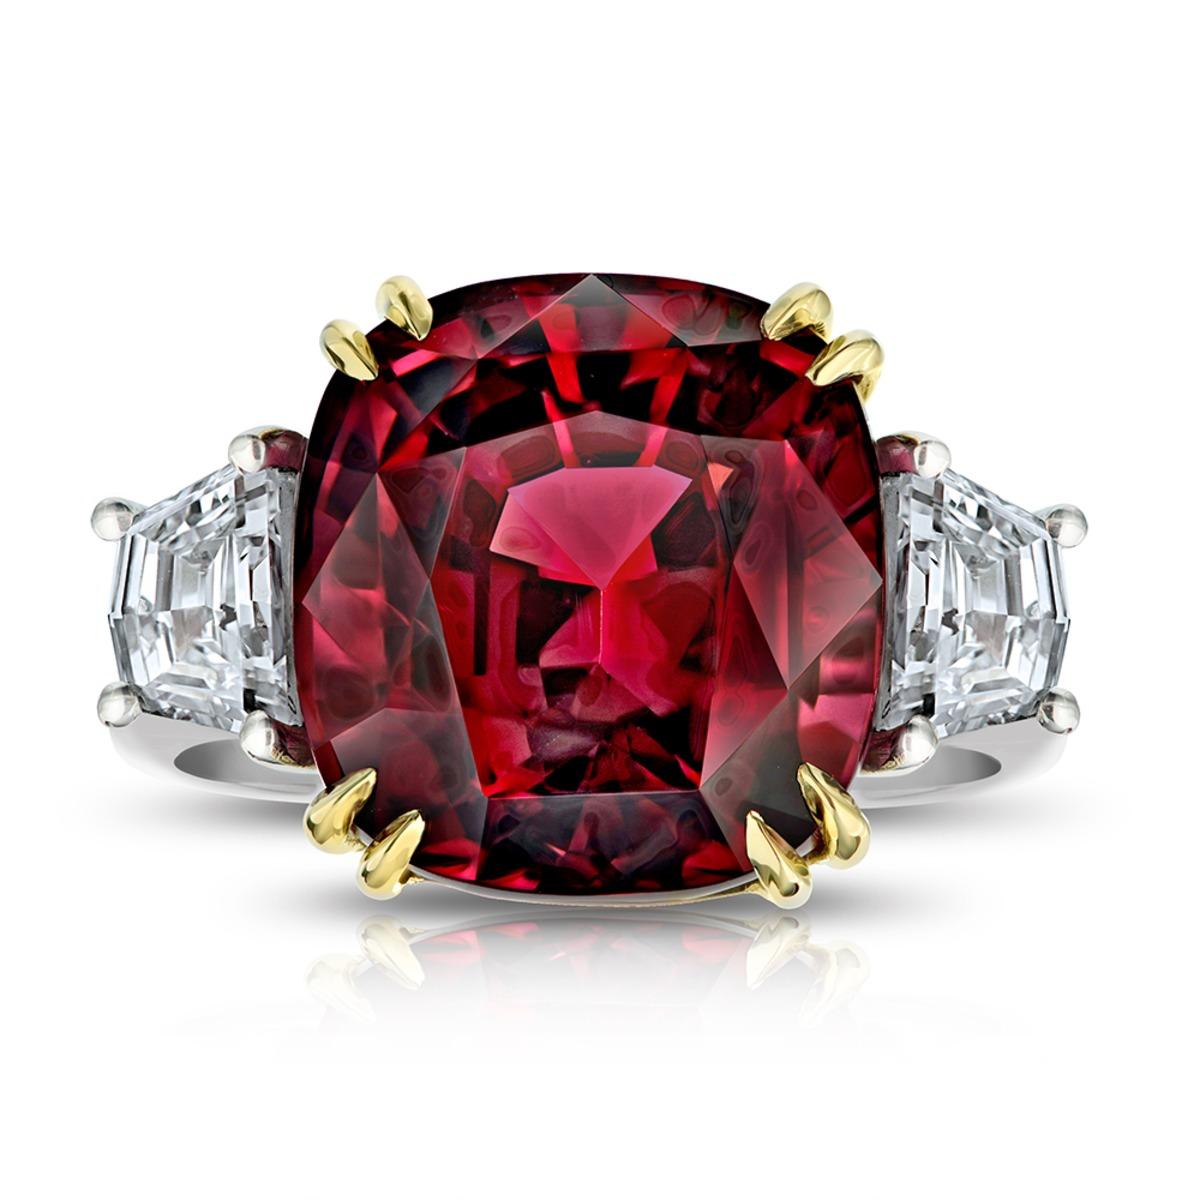 18.37 克拉紅尖晶石 1.35 克拉鑽石鉑金戒指